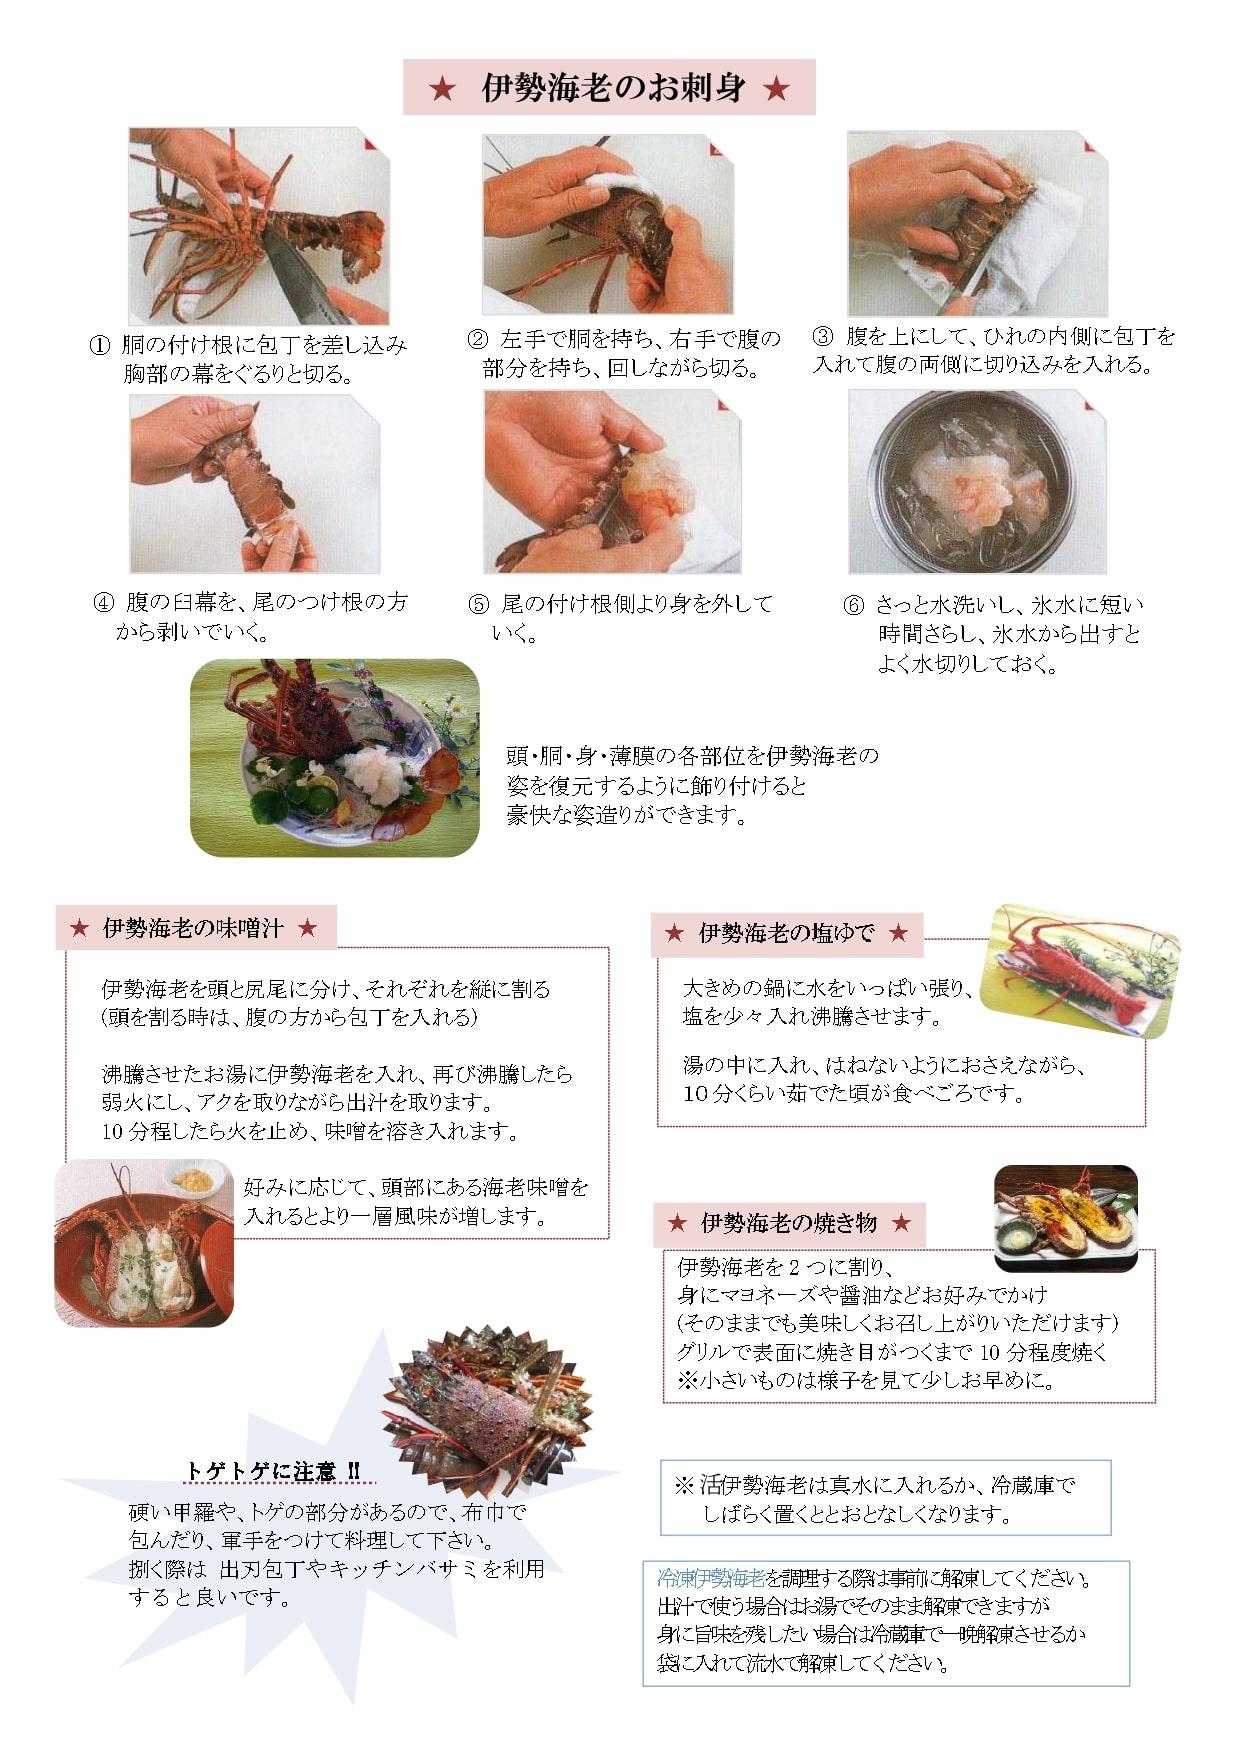 伊勢海老の調理手順